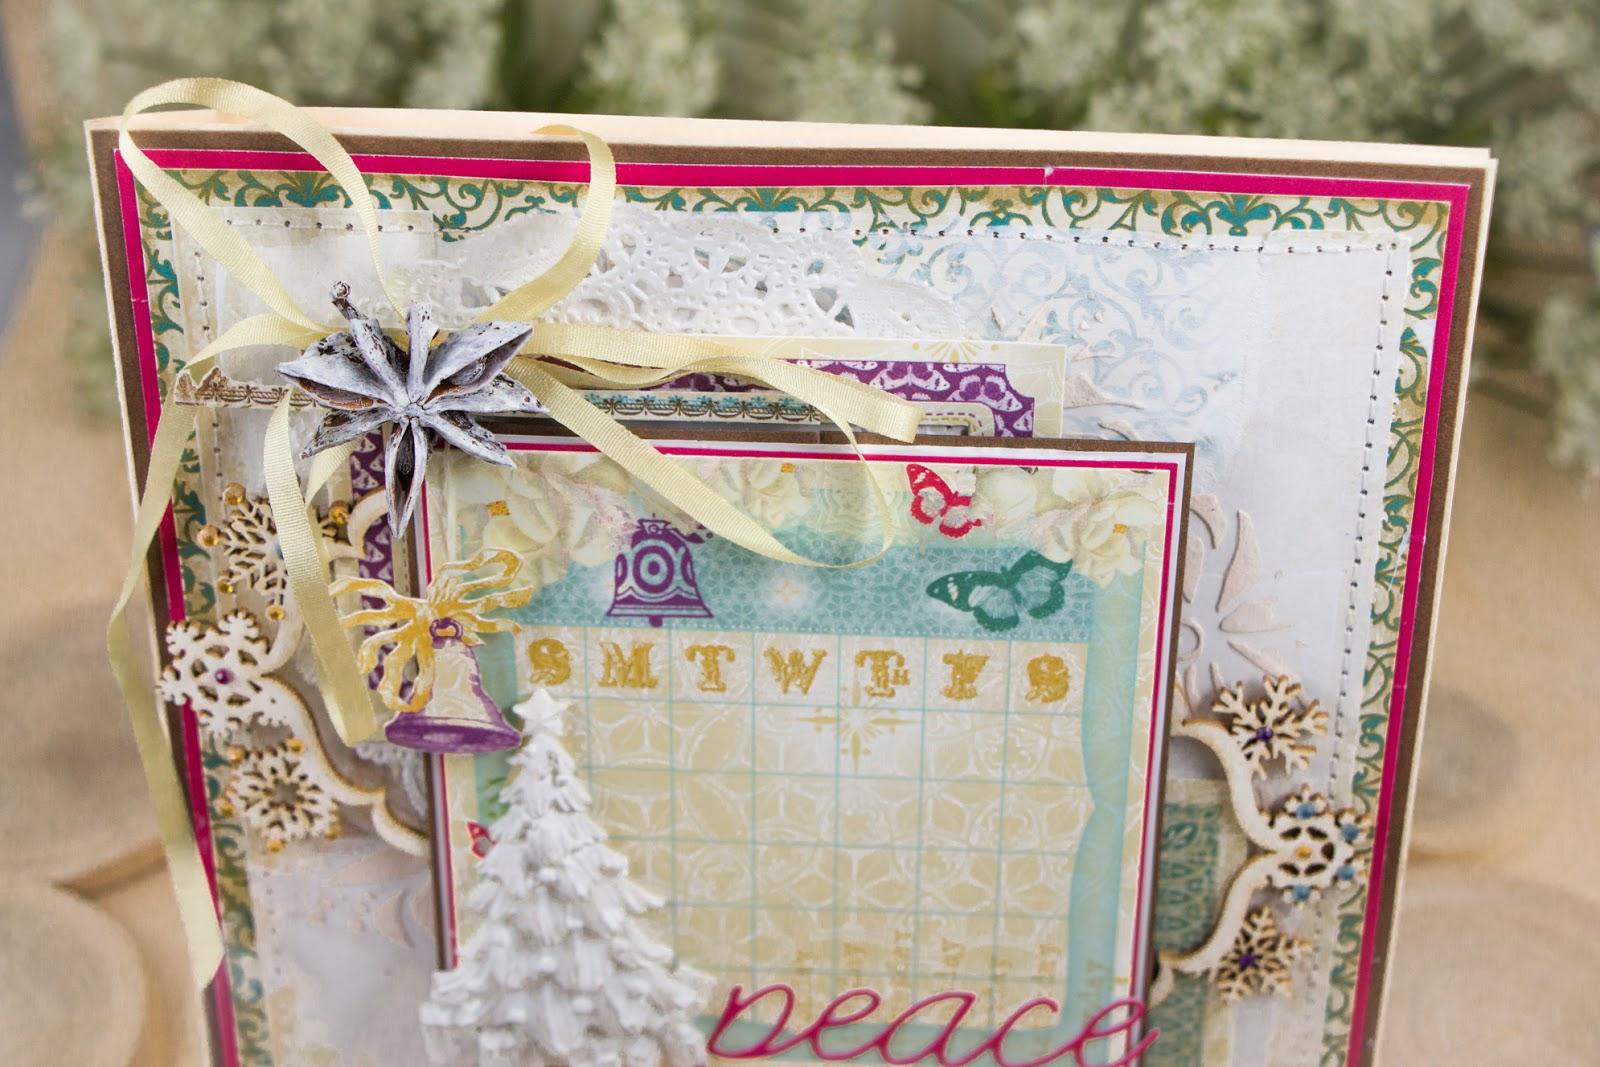 Скрапбукинг открытка Рождественский мир и покой. Мила Валентова.